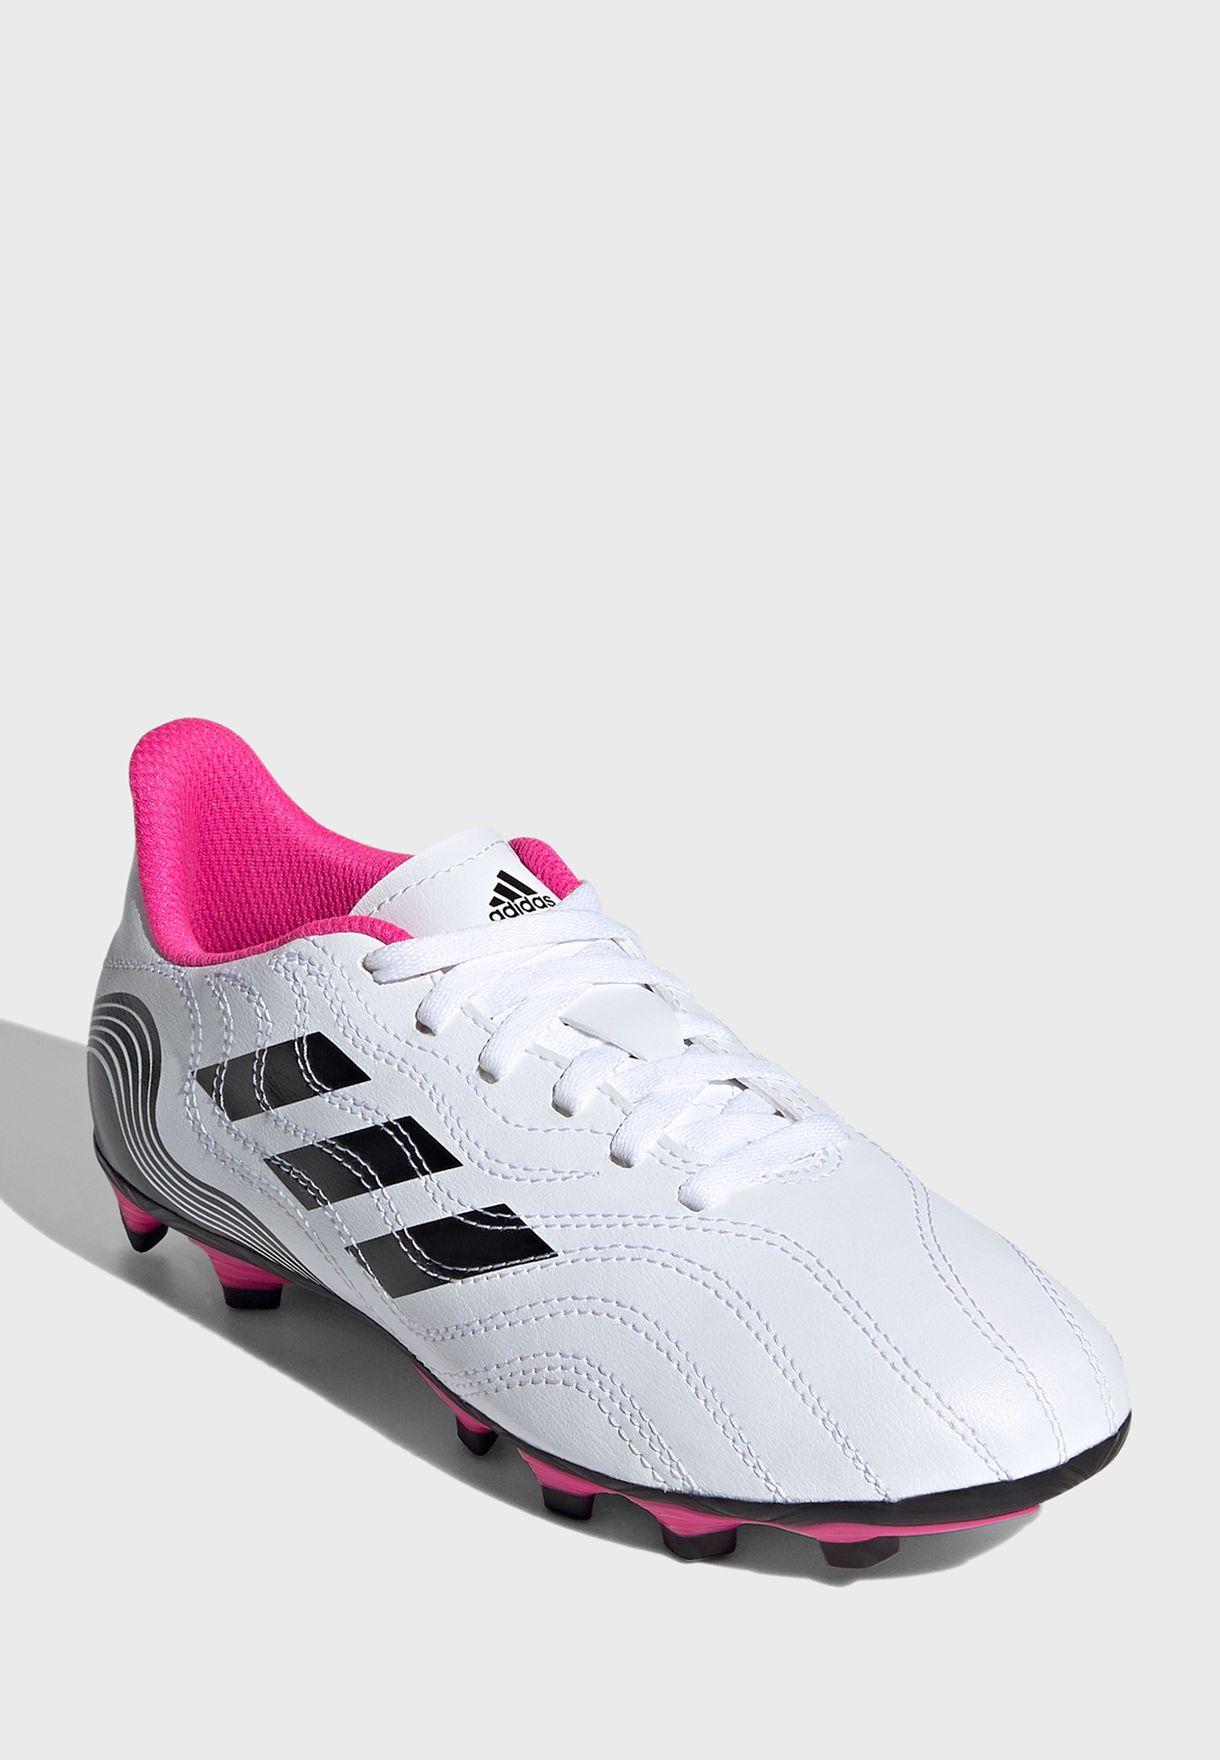 حذاء كوبا سنس.4 للارض الصلبة